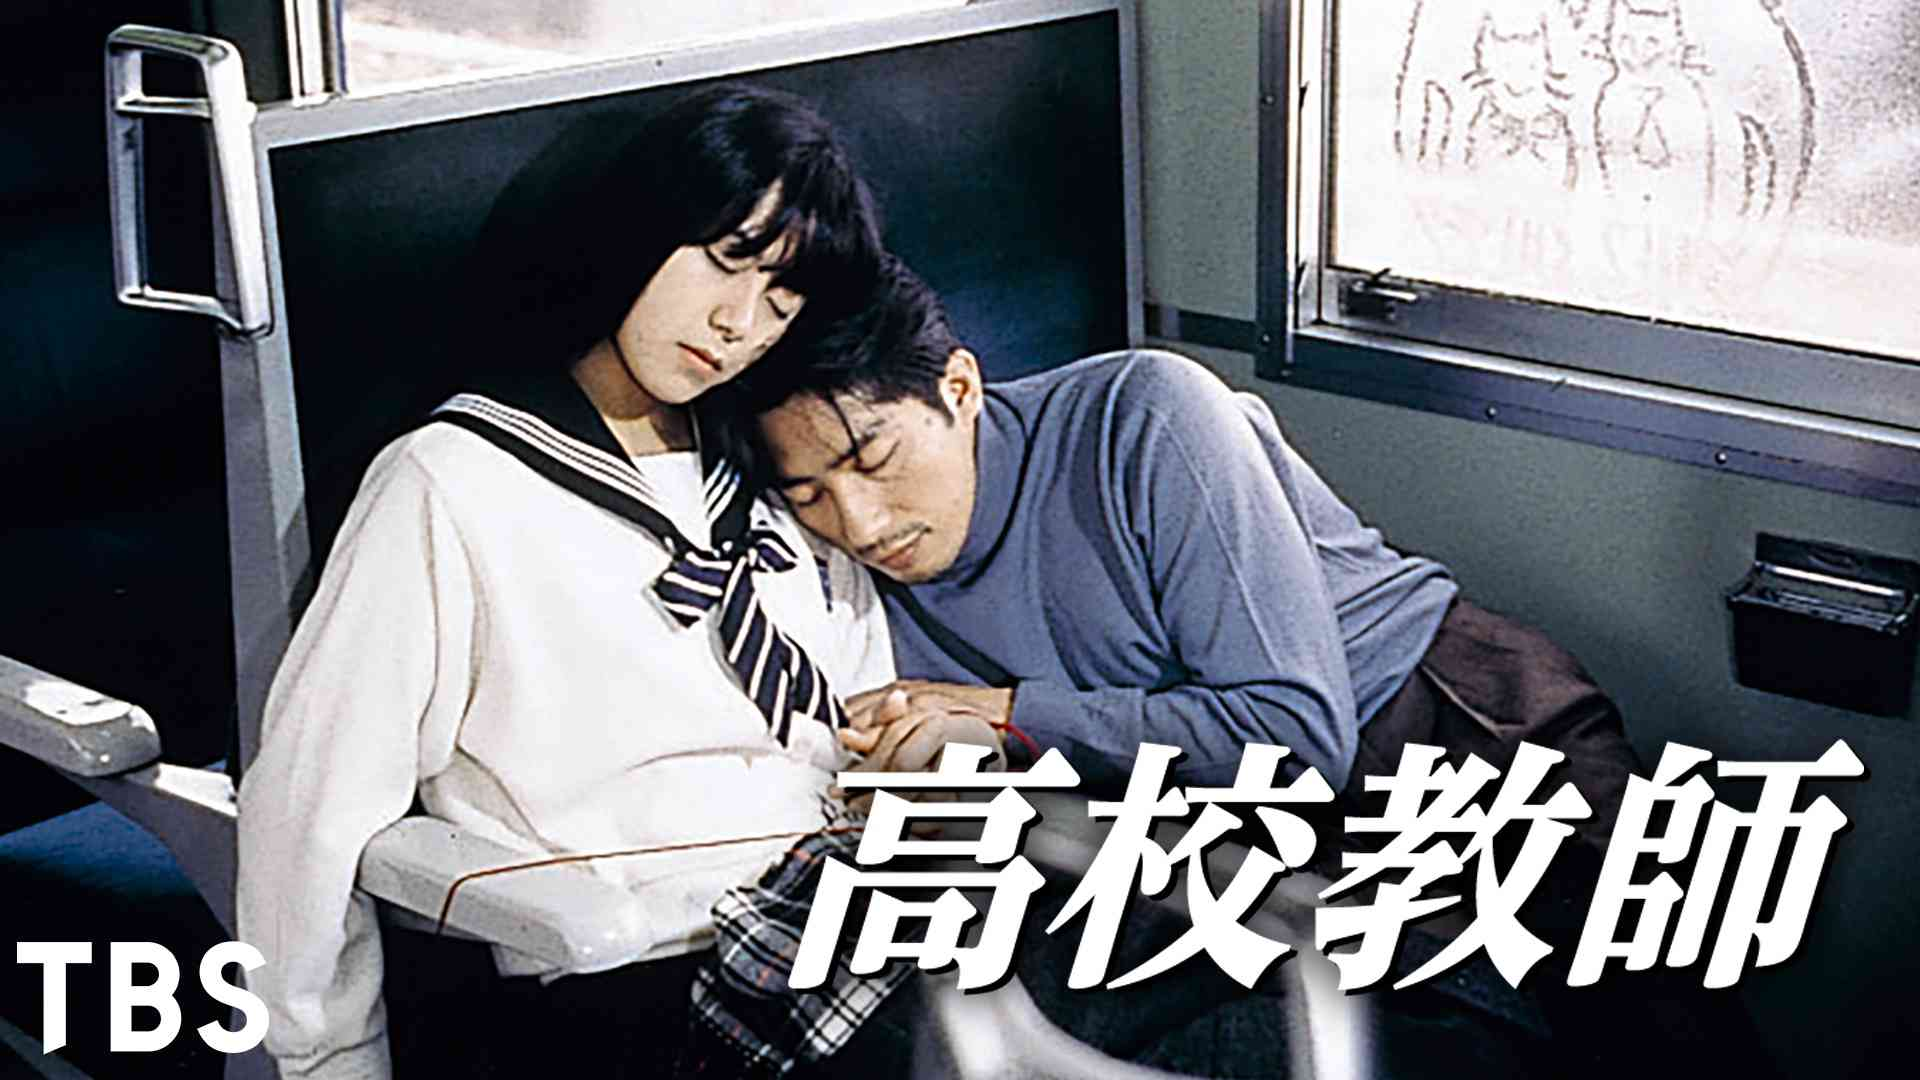 『高校教師』ドラマ真田広之・桜井幸子の動画が無料で観れる